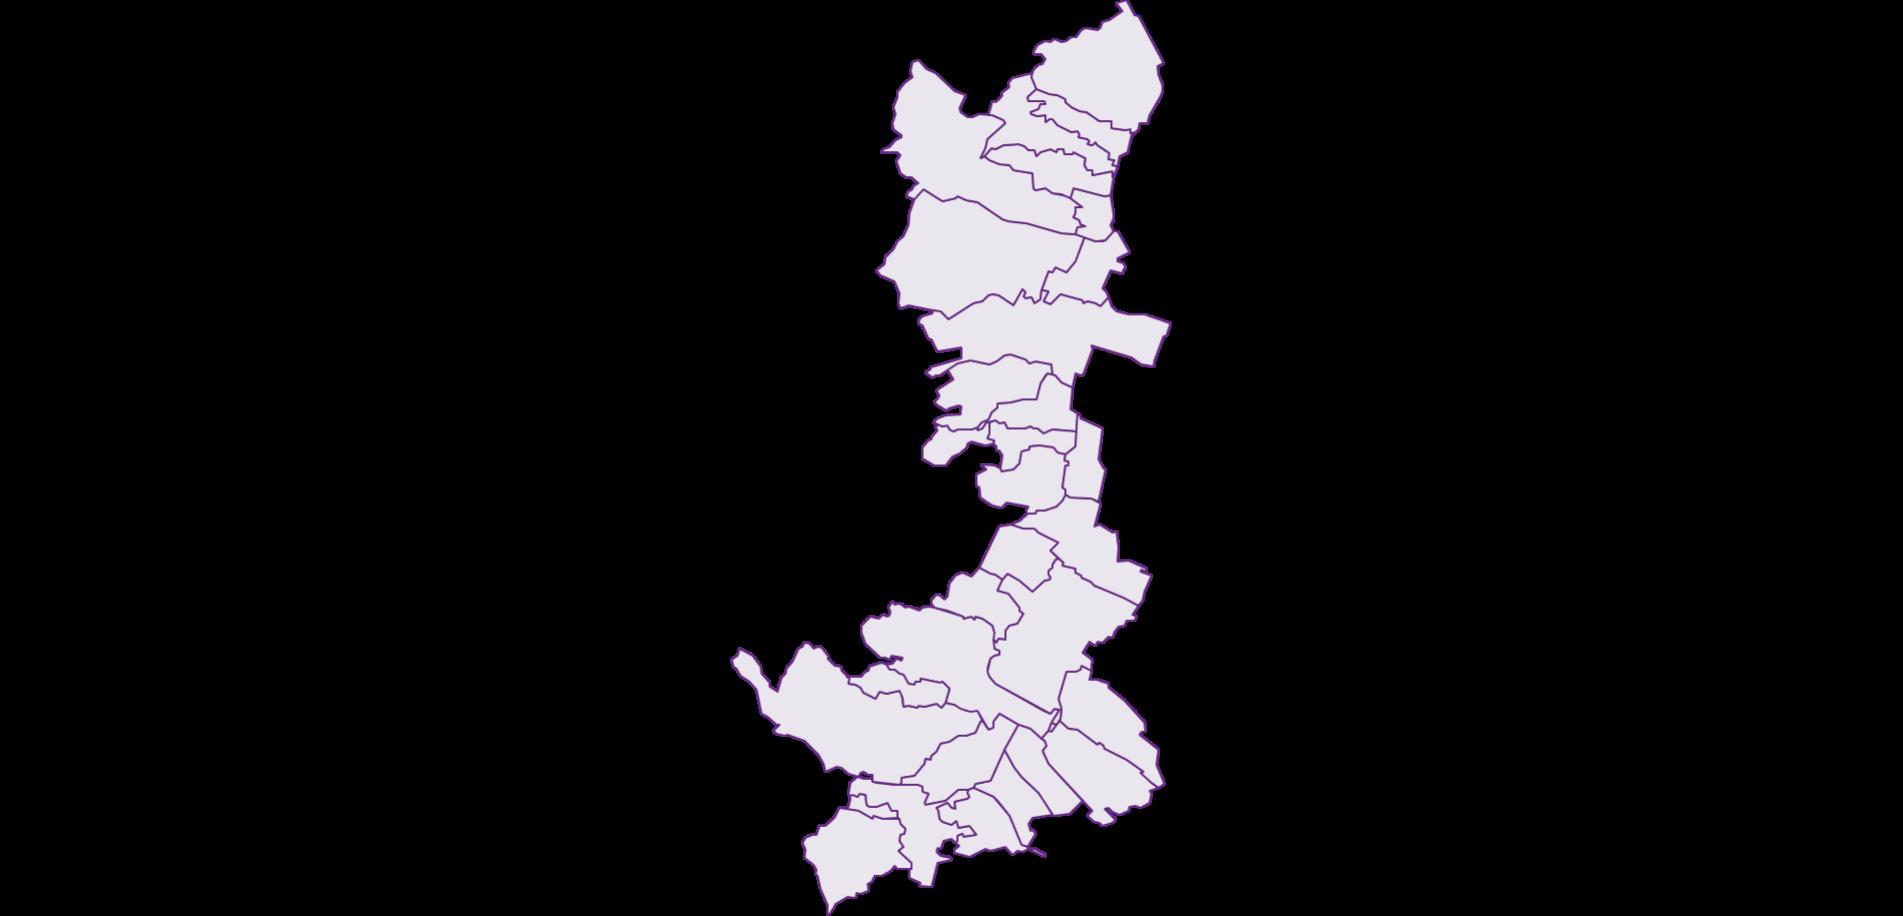 Баден-Гумпольдскирхенская область